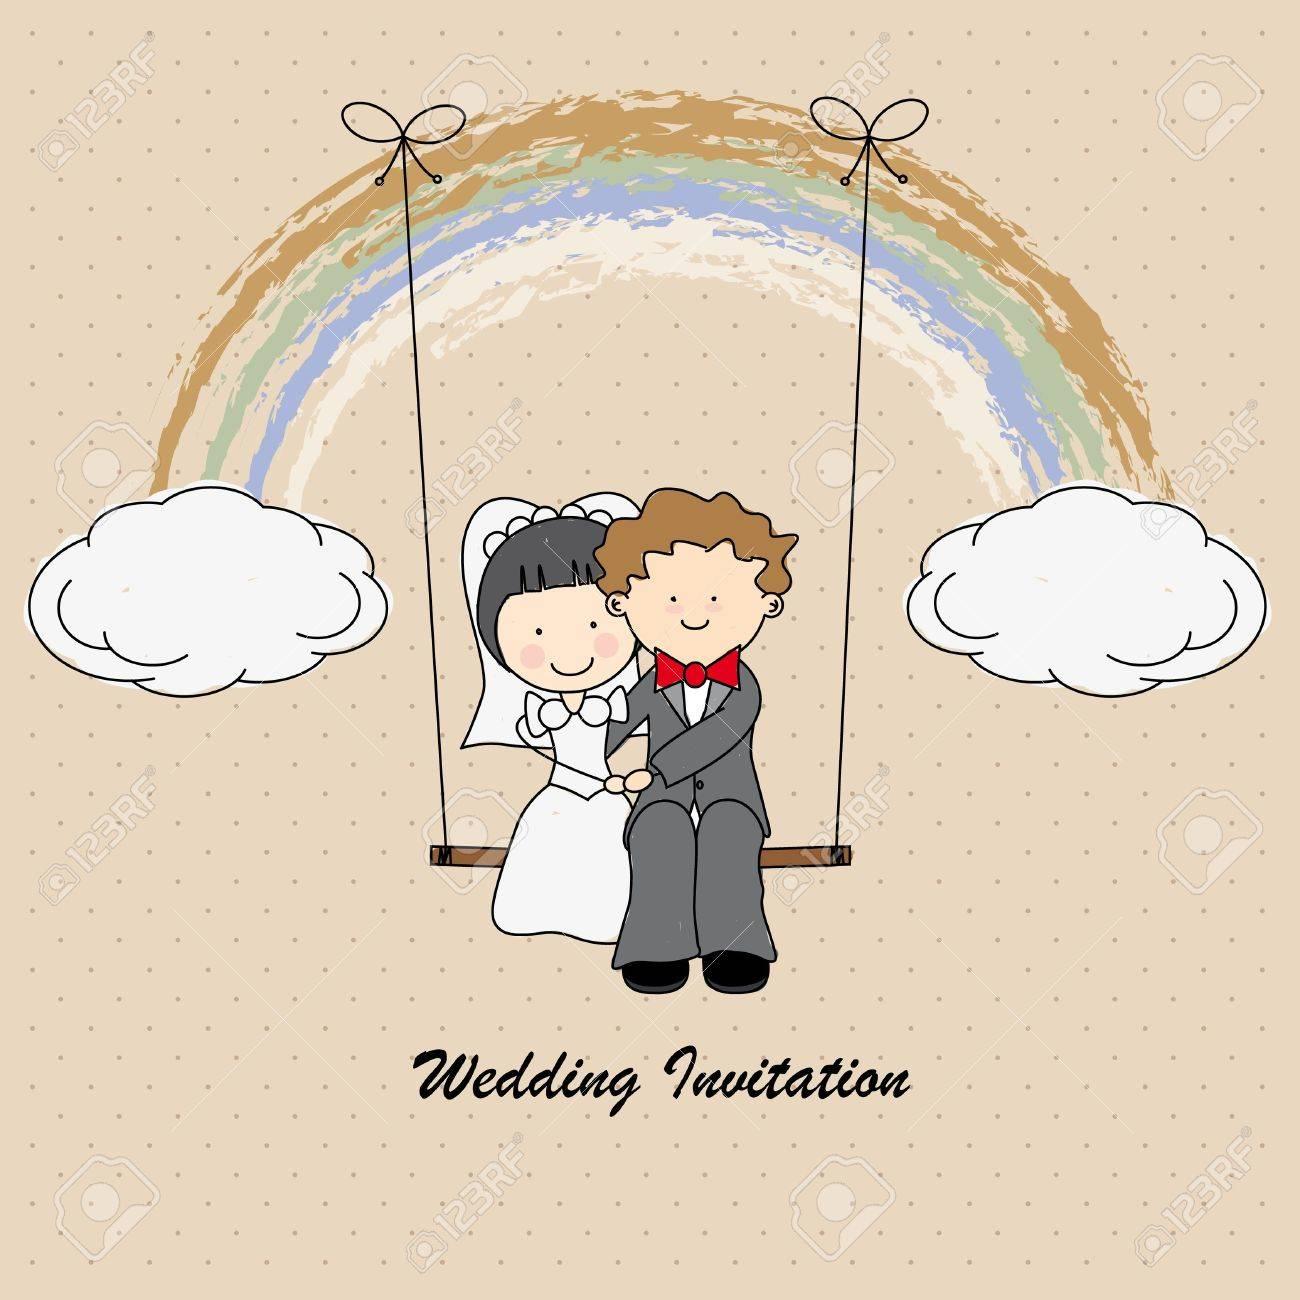 Boyfriends Swinging On A Rainbow Wedding Invitation Royalty Free ...